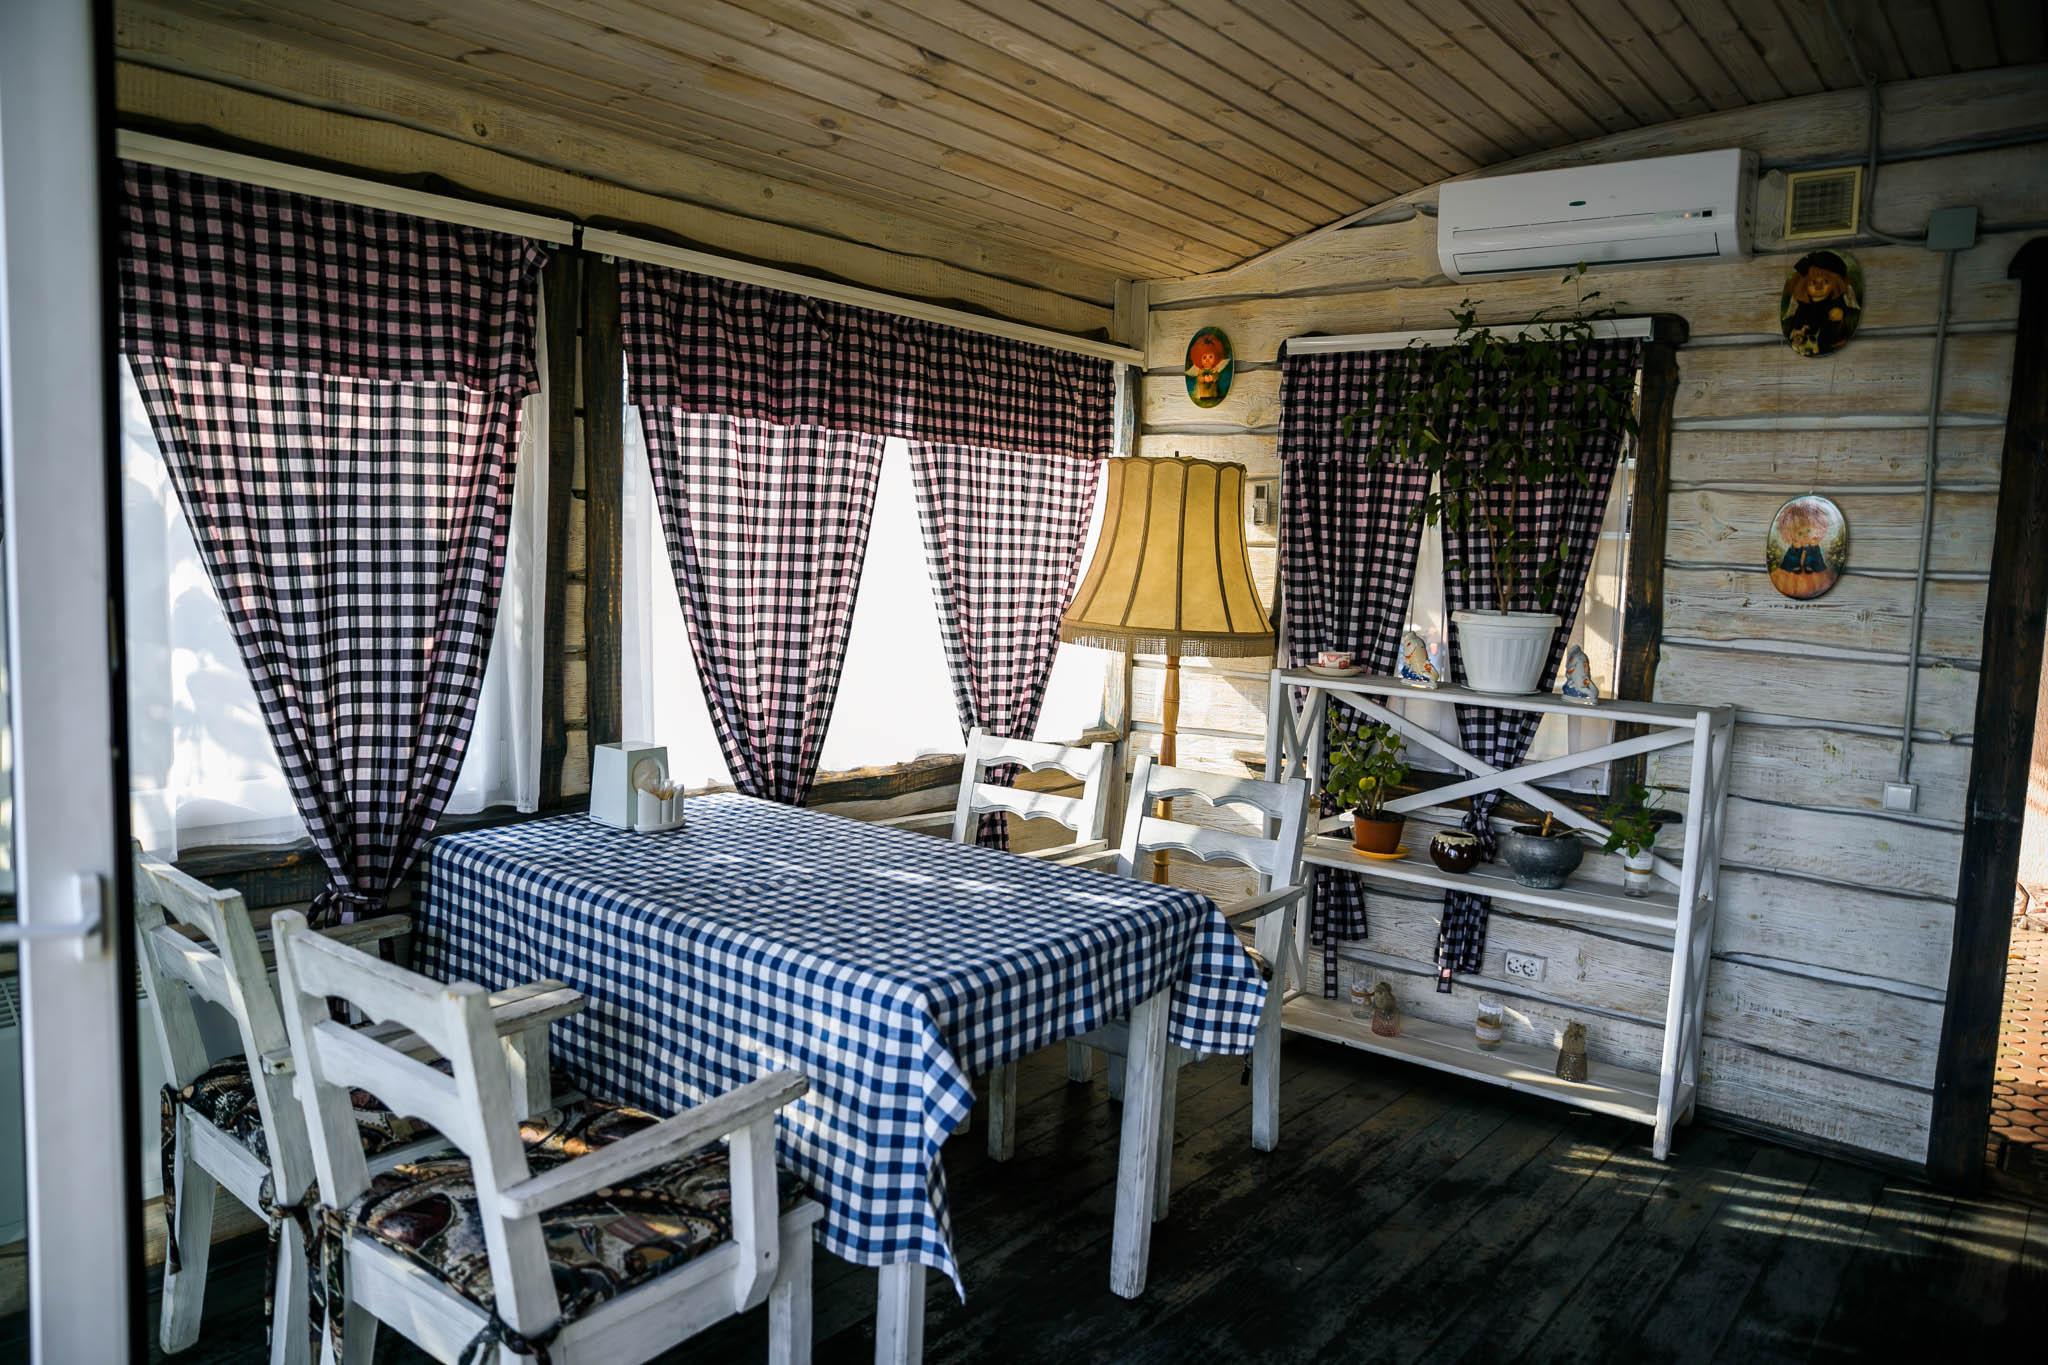 Домик у озера. Ресторан Веранда. Запорожье (4)